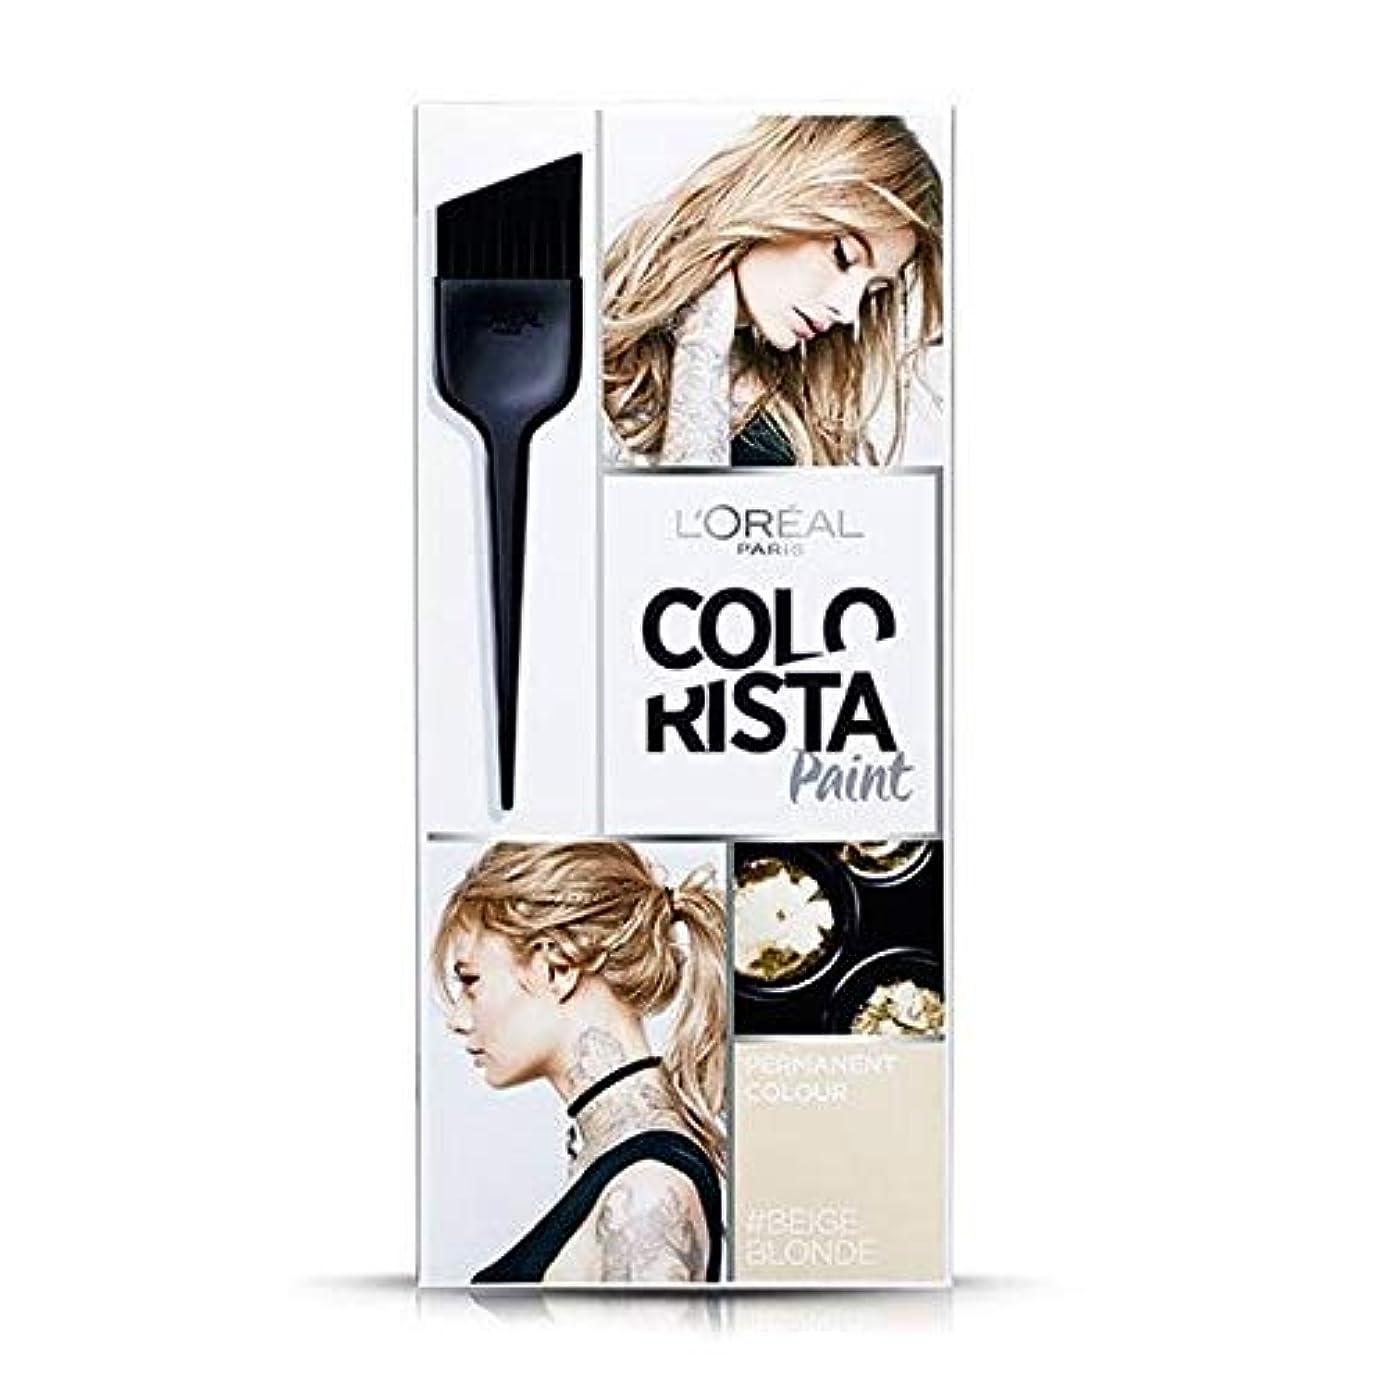 オリエンテーション文字通り不忠[Colorista] ベージュブロンドの髪の色素をペイントColorista - Colorista Paint Beige Blonde Hair Dye [並行輸入品]